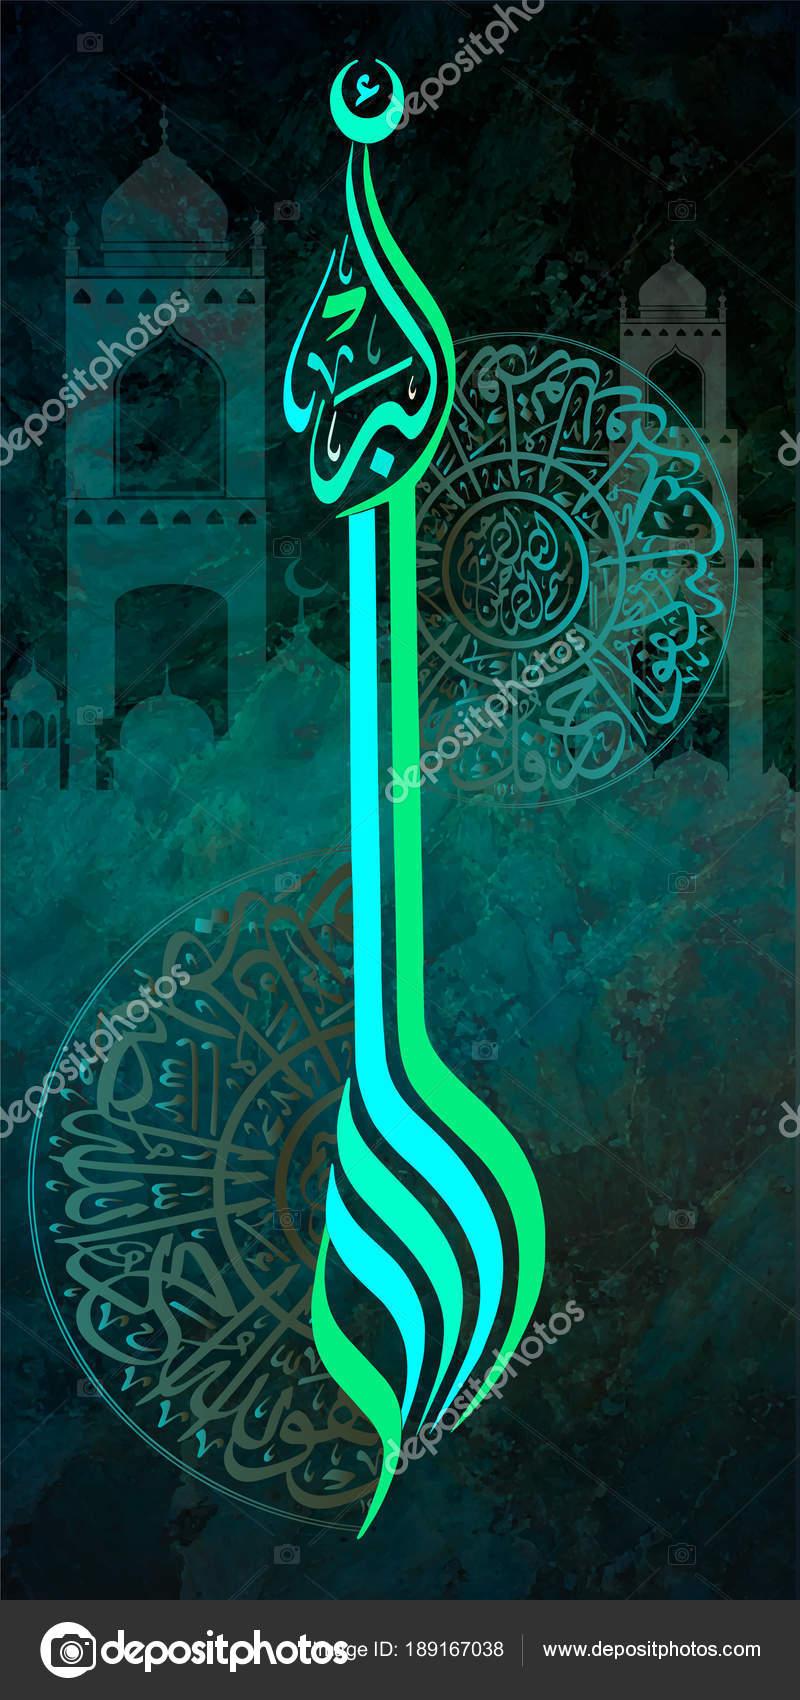 Allah Akbar Musique islamic calligraphy allahu akbar — stock vector © zamir222333 #189167038